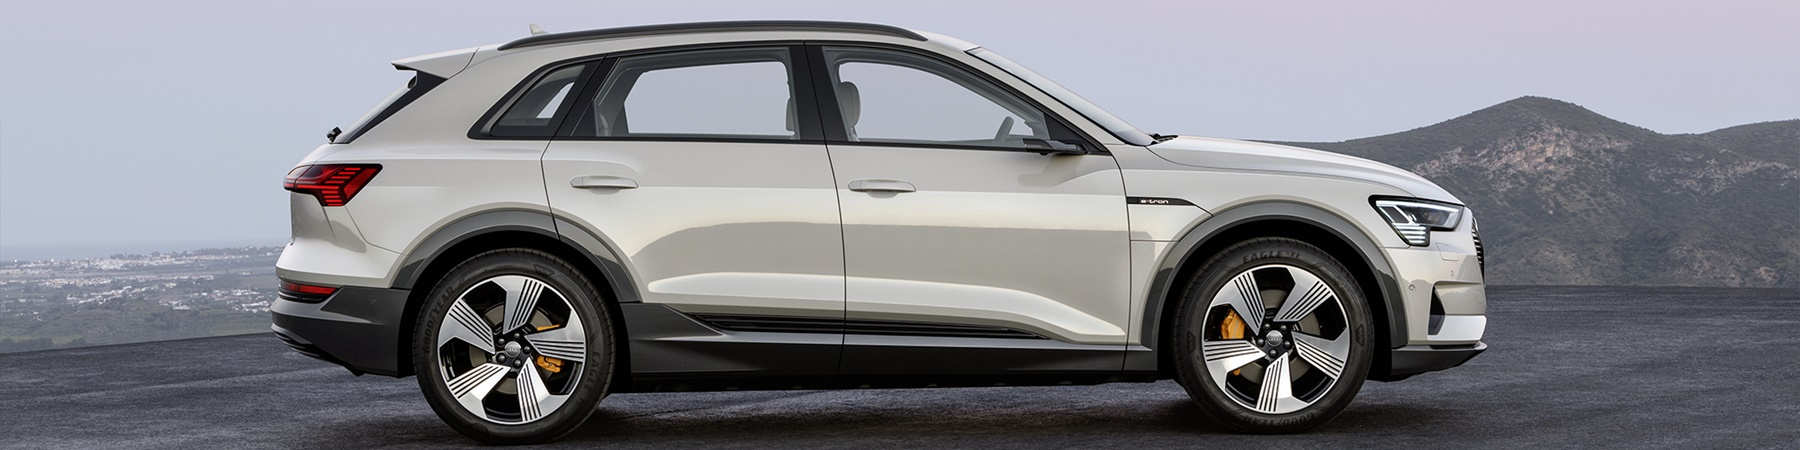 Audi E-tron 71kWh 255 km actieradius